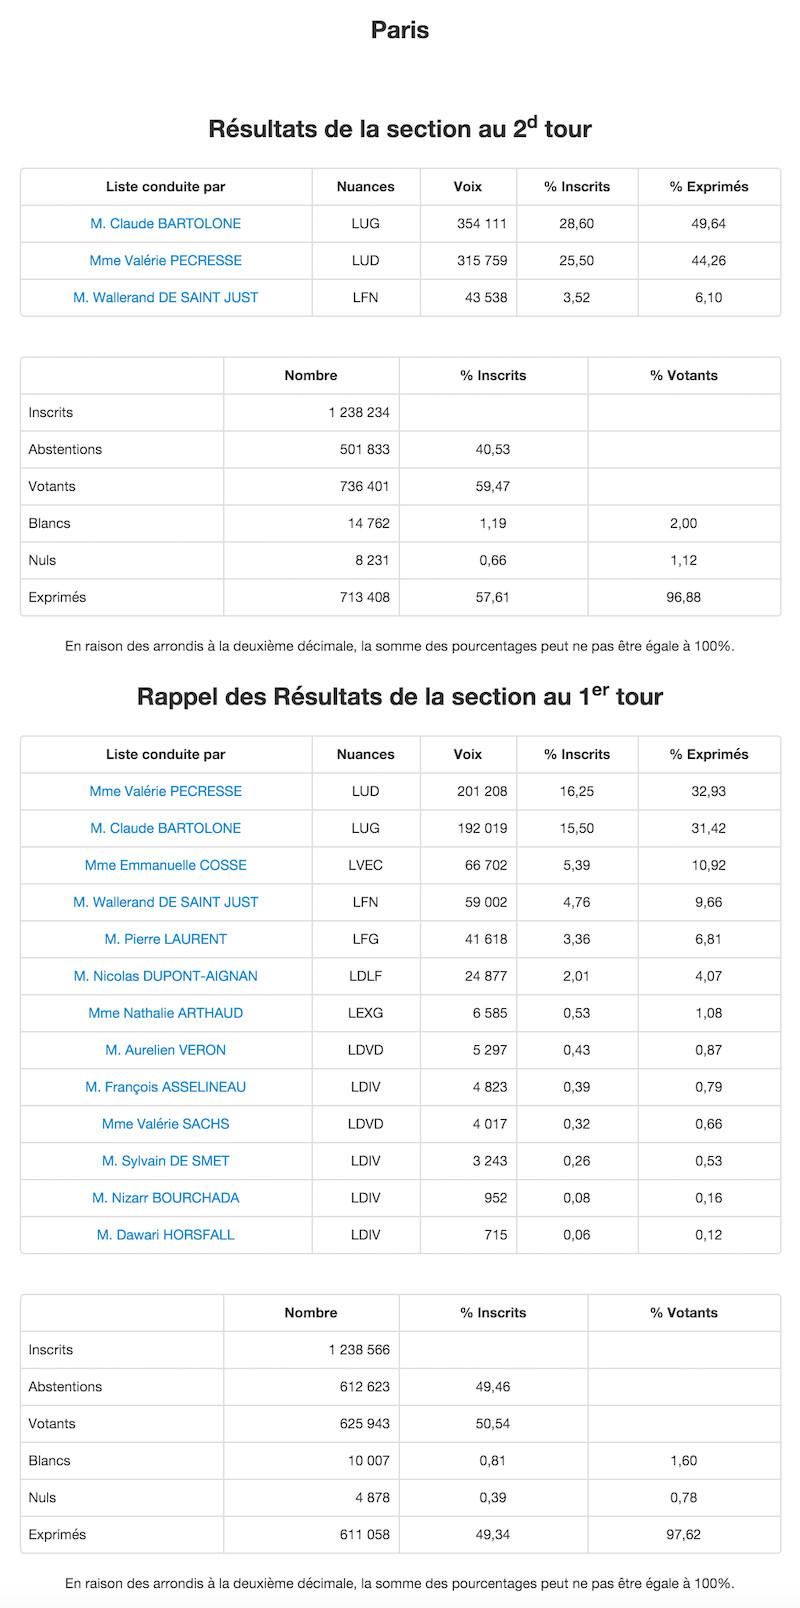 Régionales 2015 et 2010 dans le 4e arrondissement de Paris